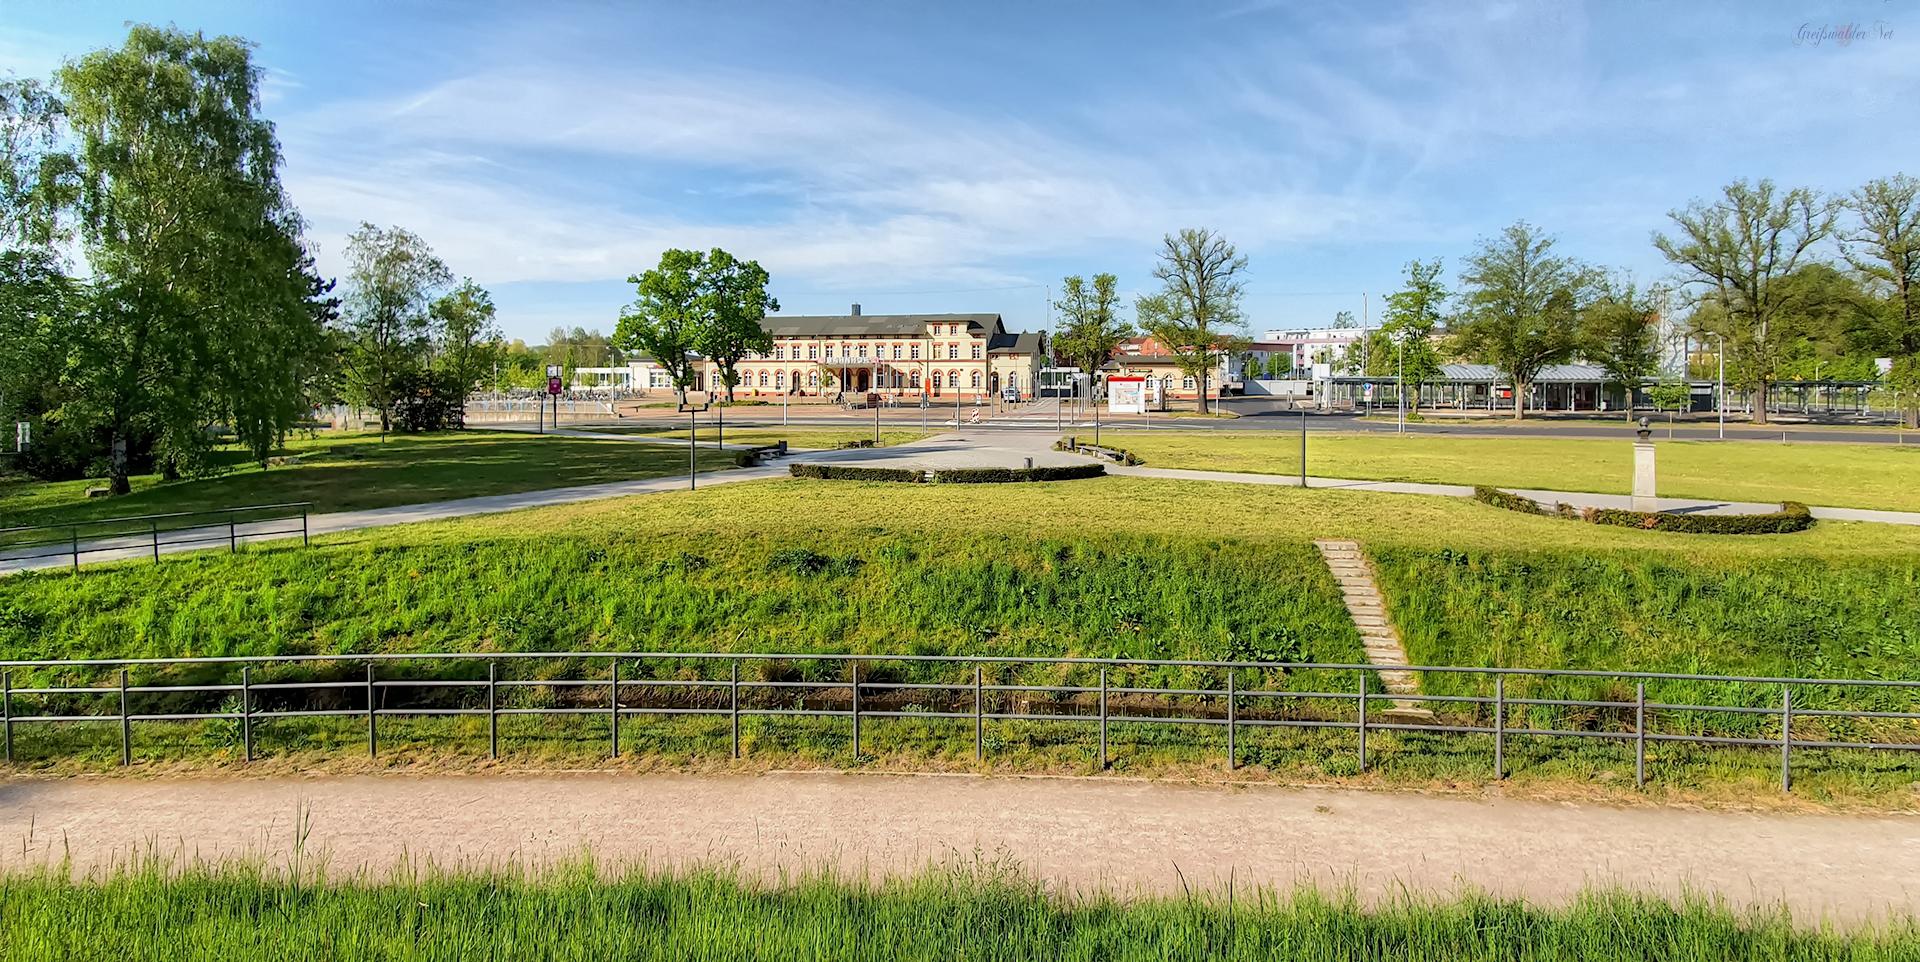 Carl-Paepke-Platz in Greifswald